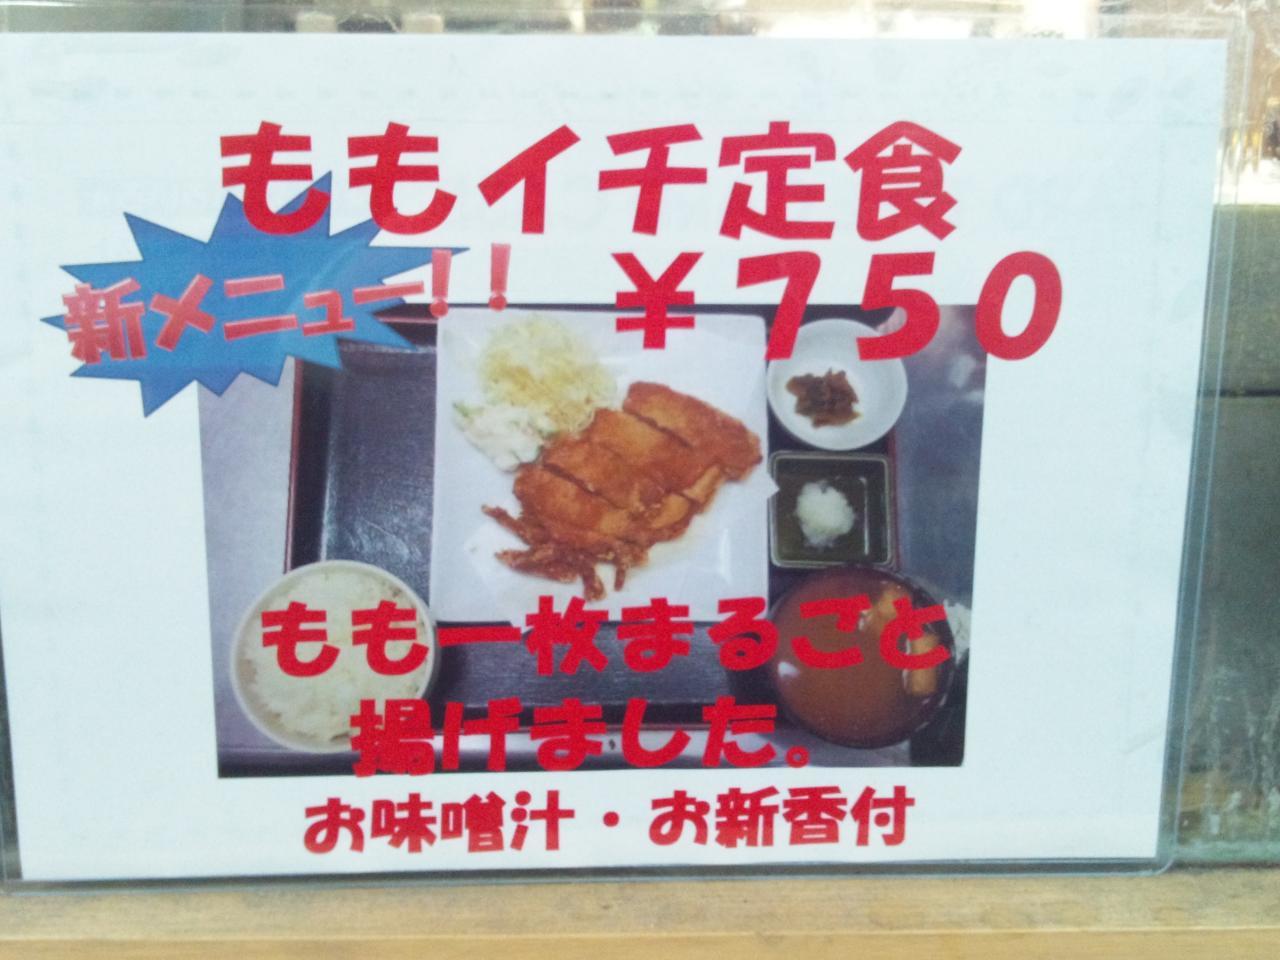 えぞや六角橋店(店頭)